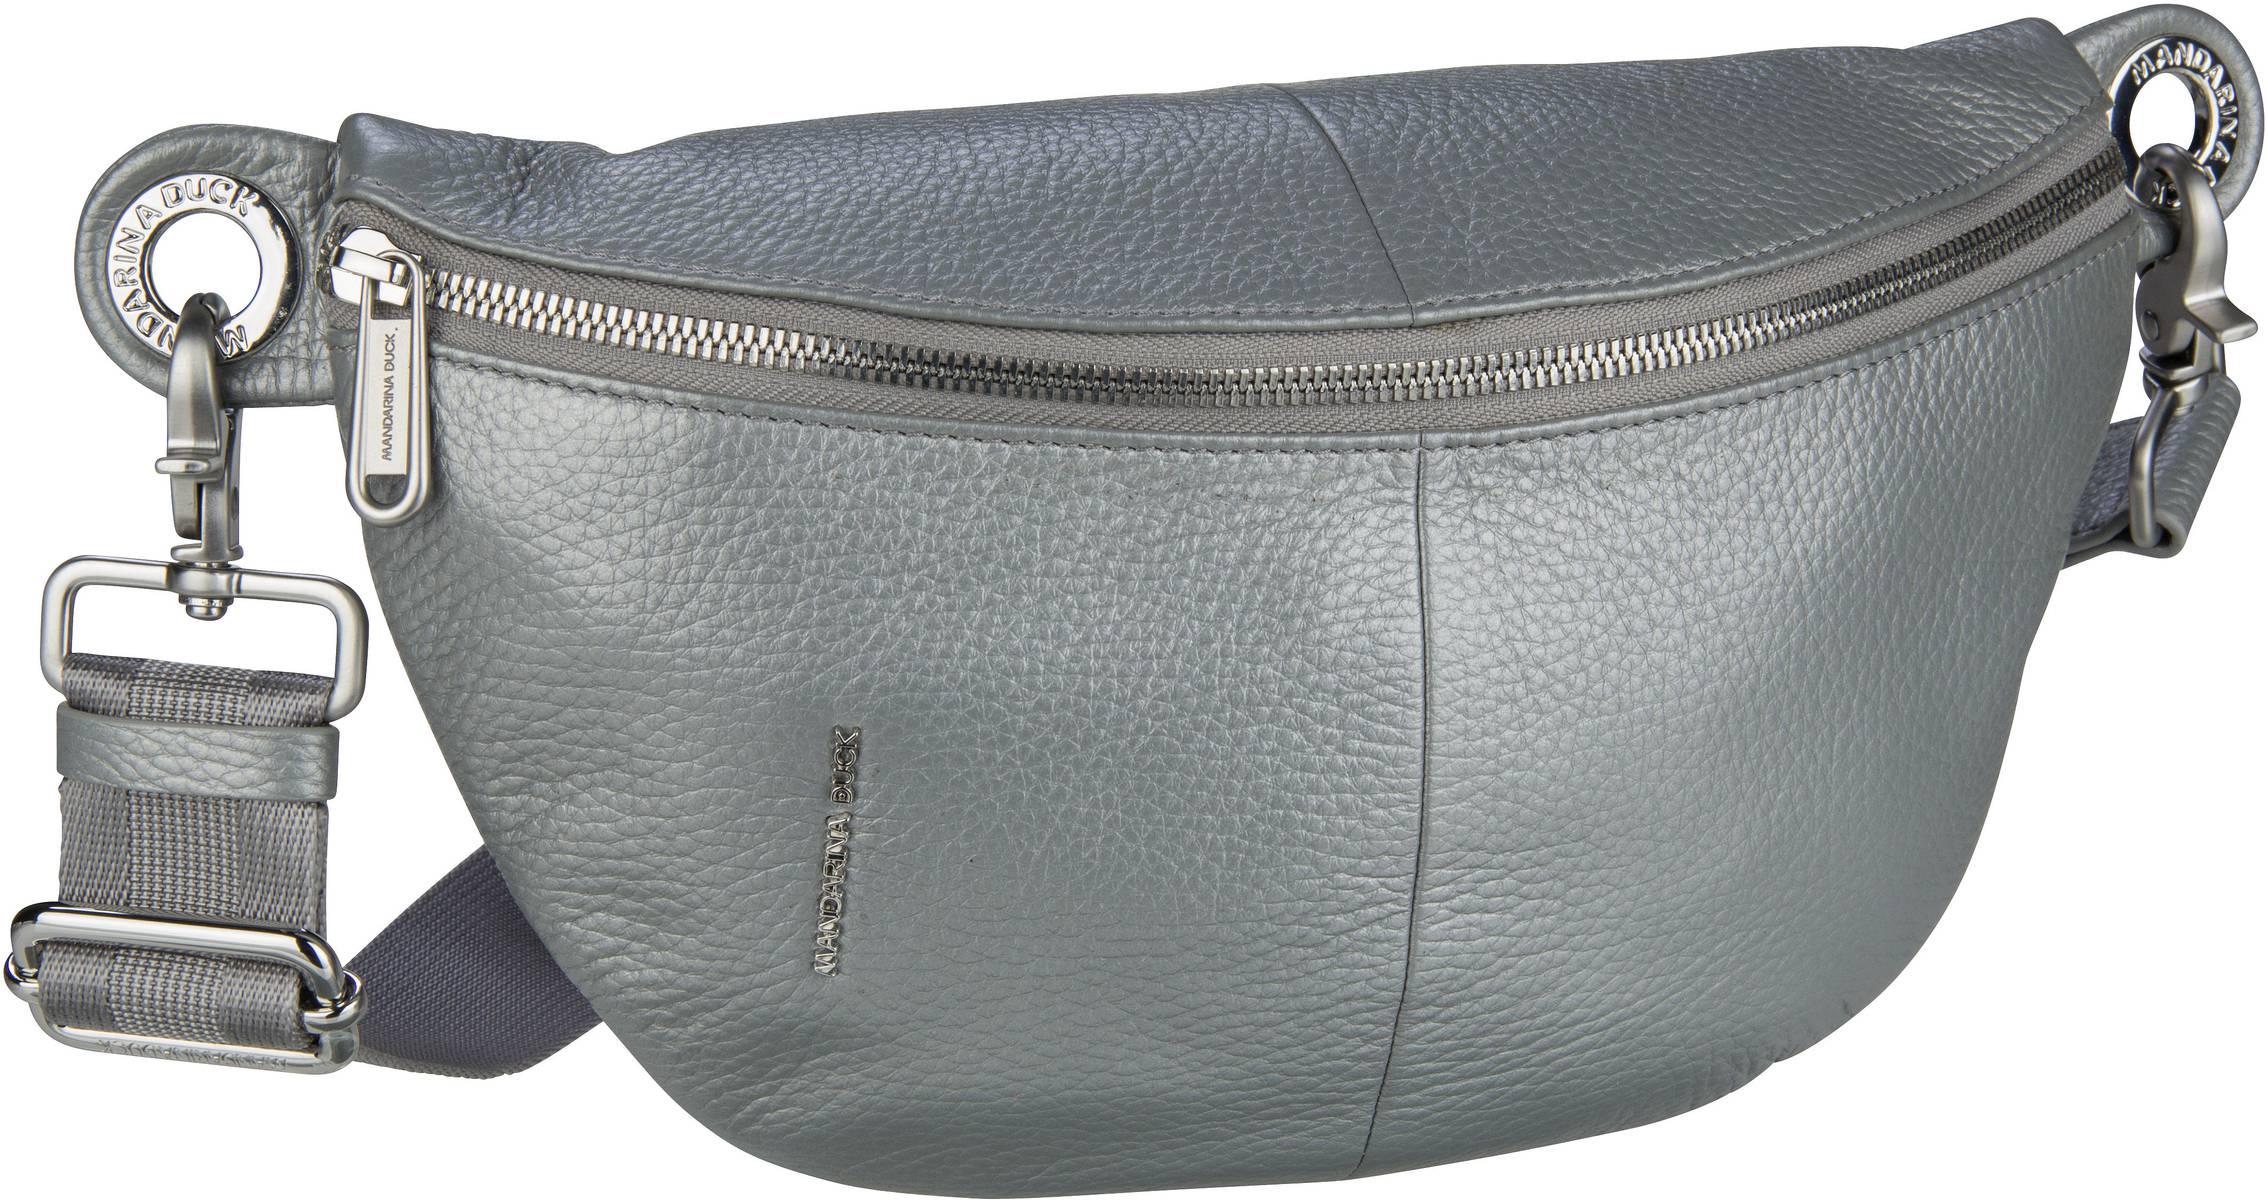 Kleinwaren - Mandarina Duck Gürteltasche Mellow Leather Lux Bum Bag ZLT73 Silver  - Onlineshop Taschenkaufhaus